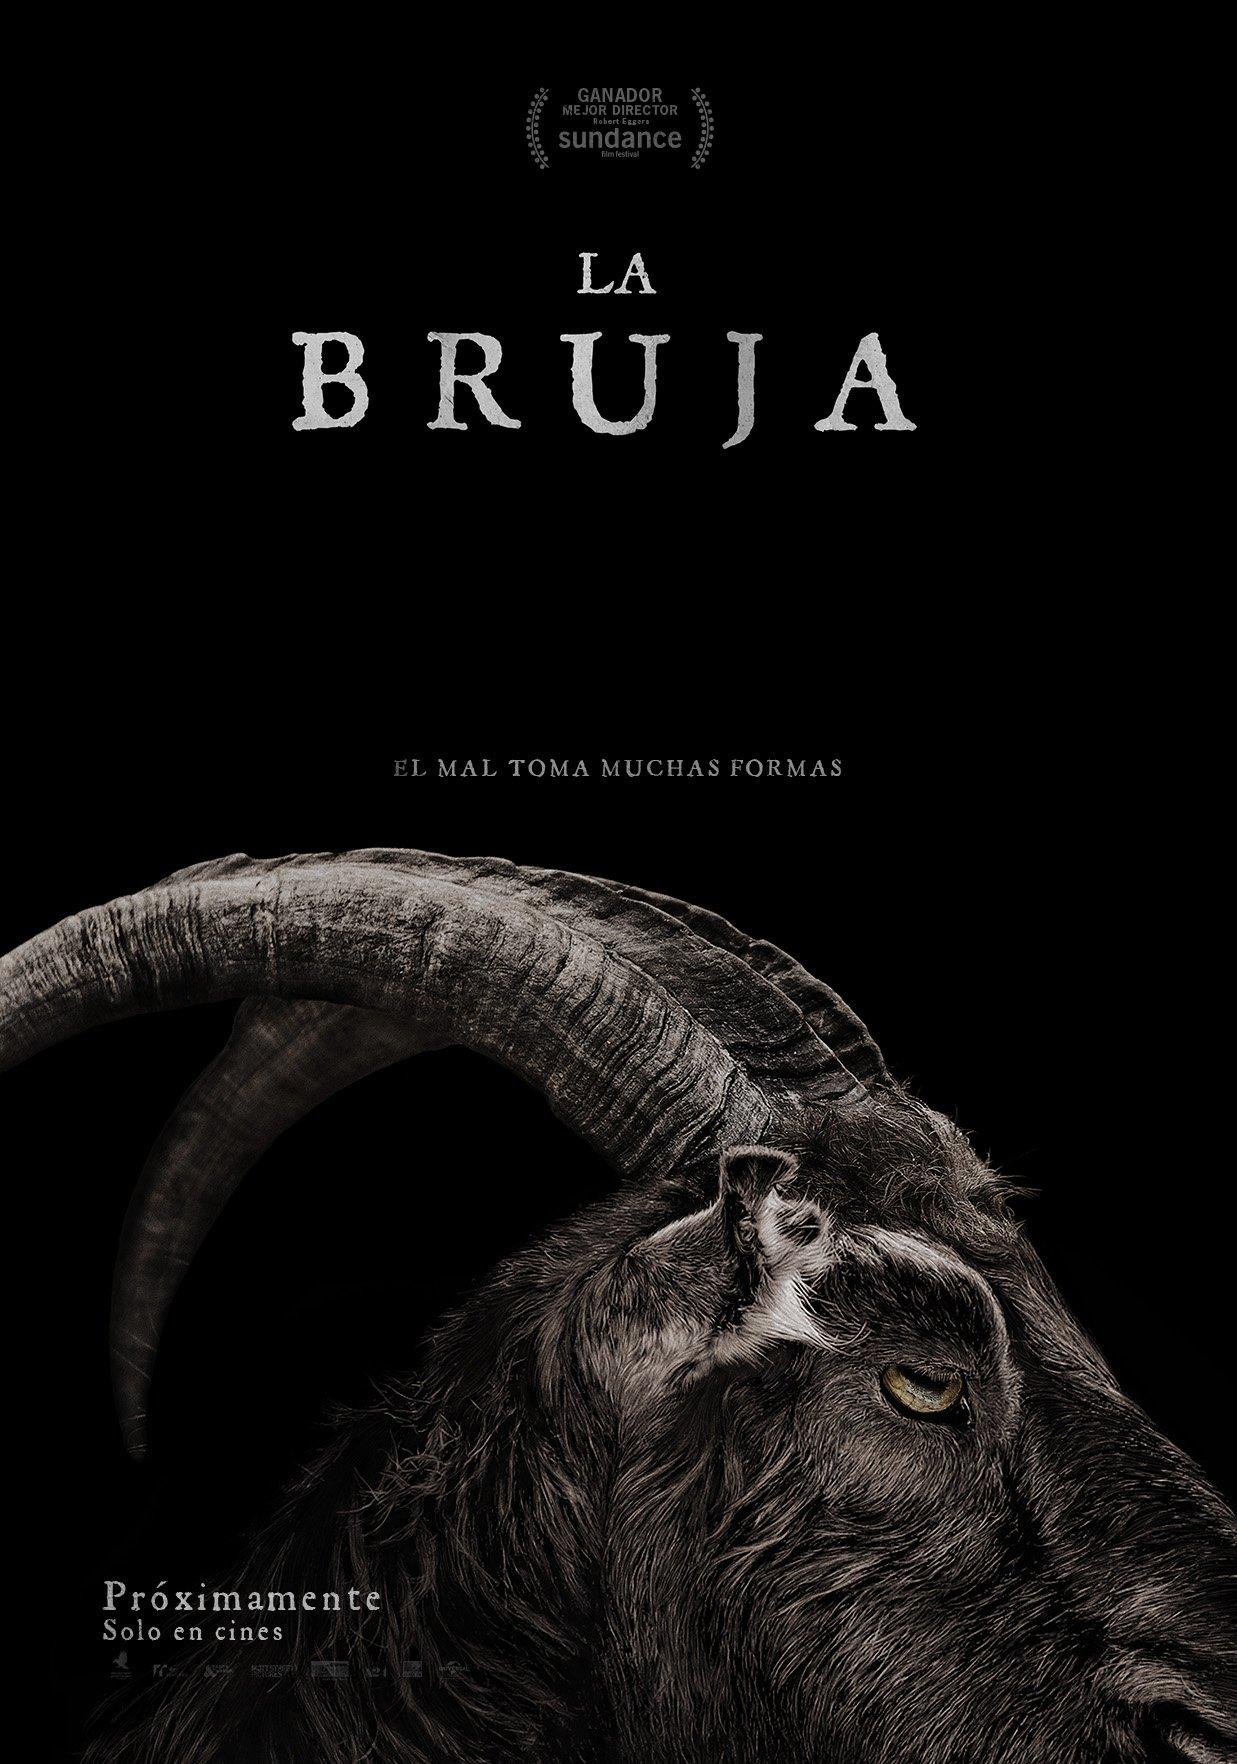 Resultado de imagen para la bruja 2016 poster